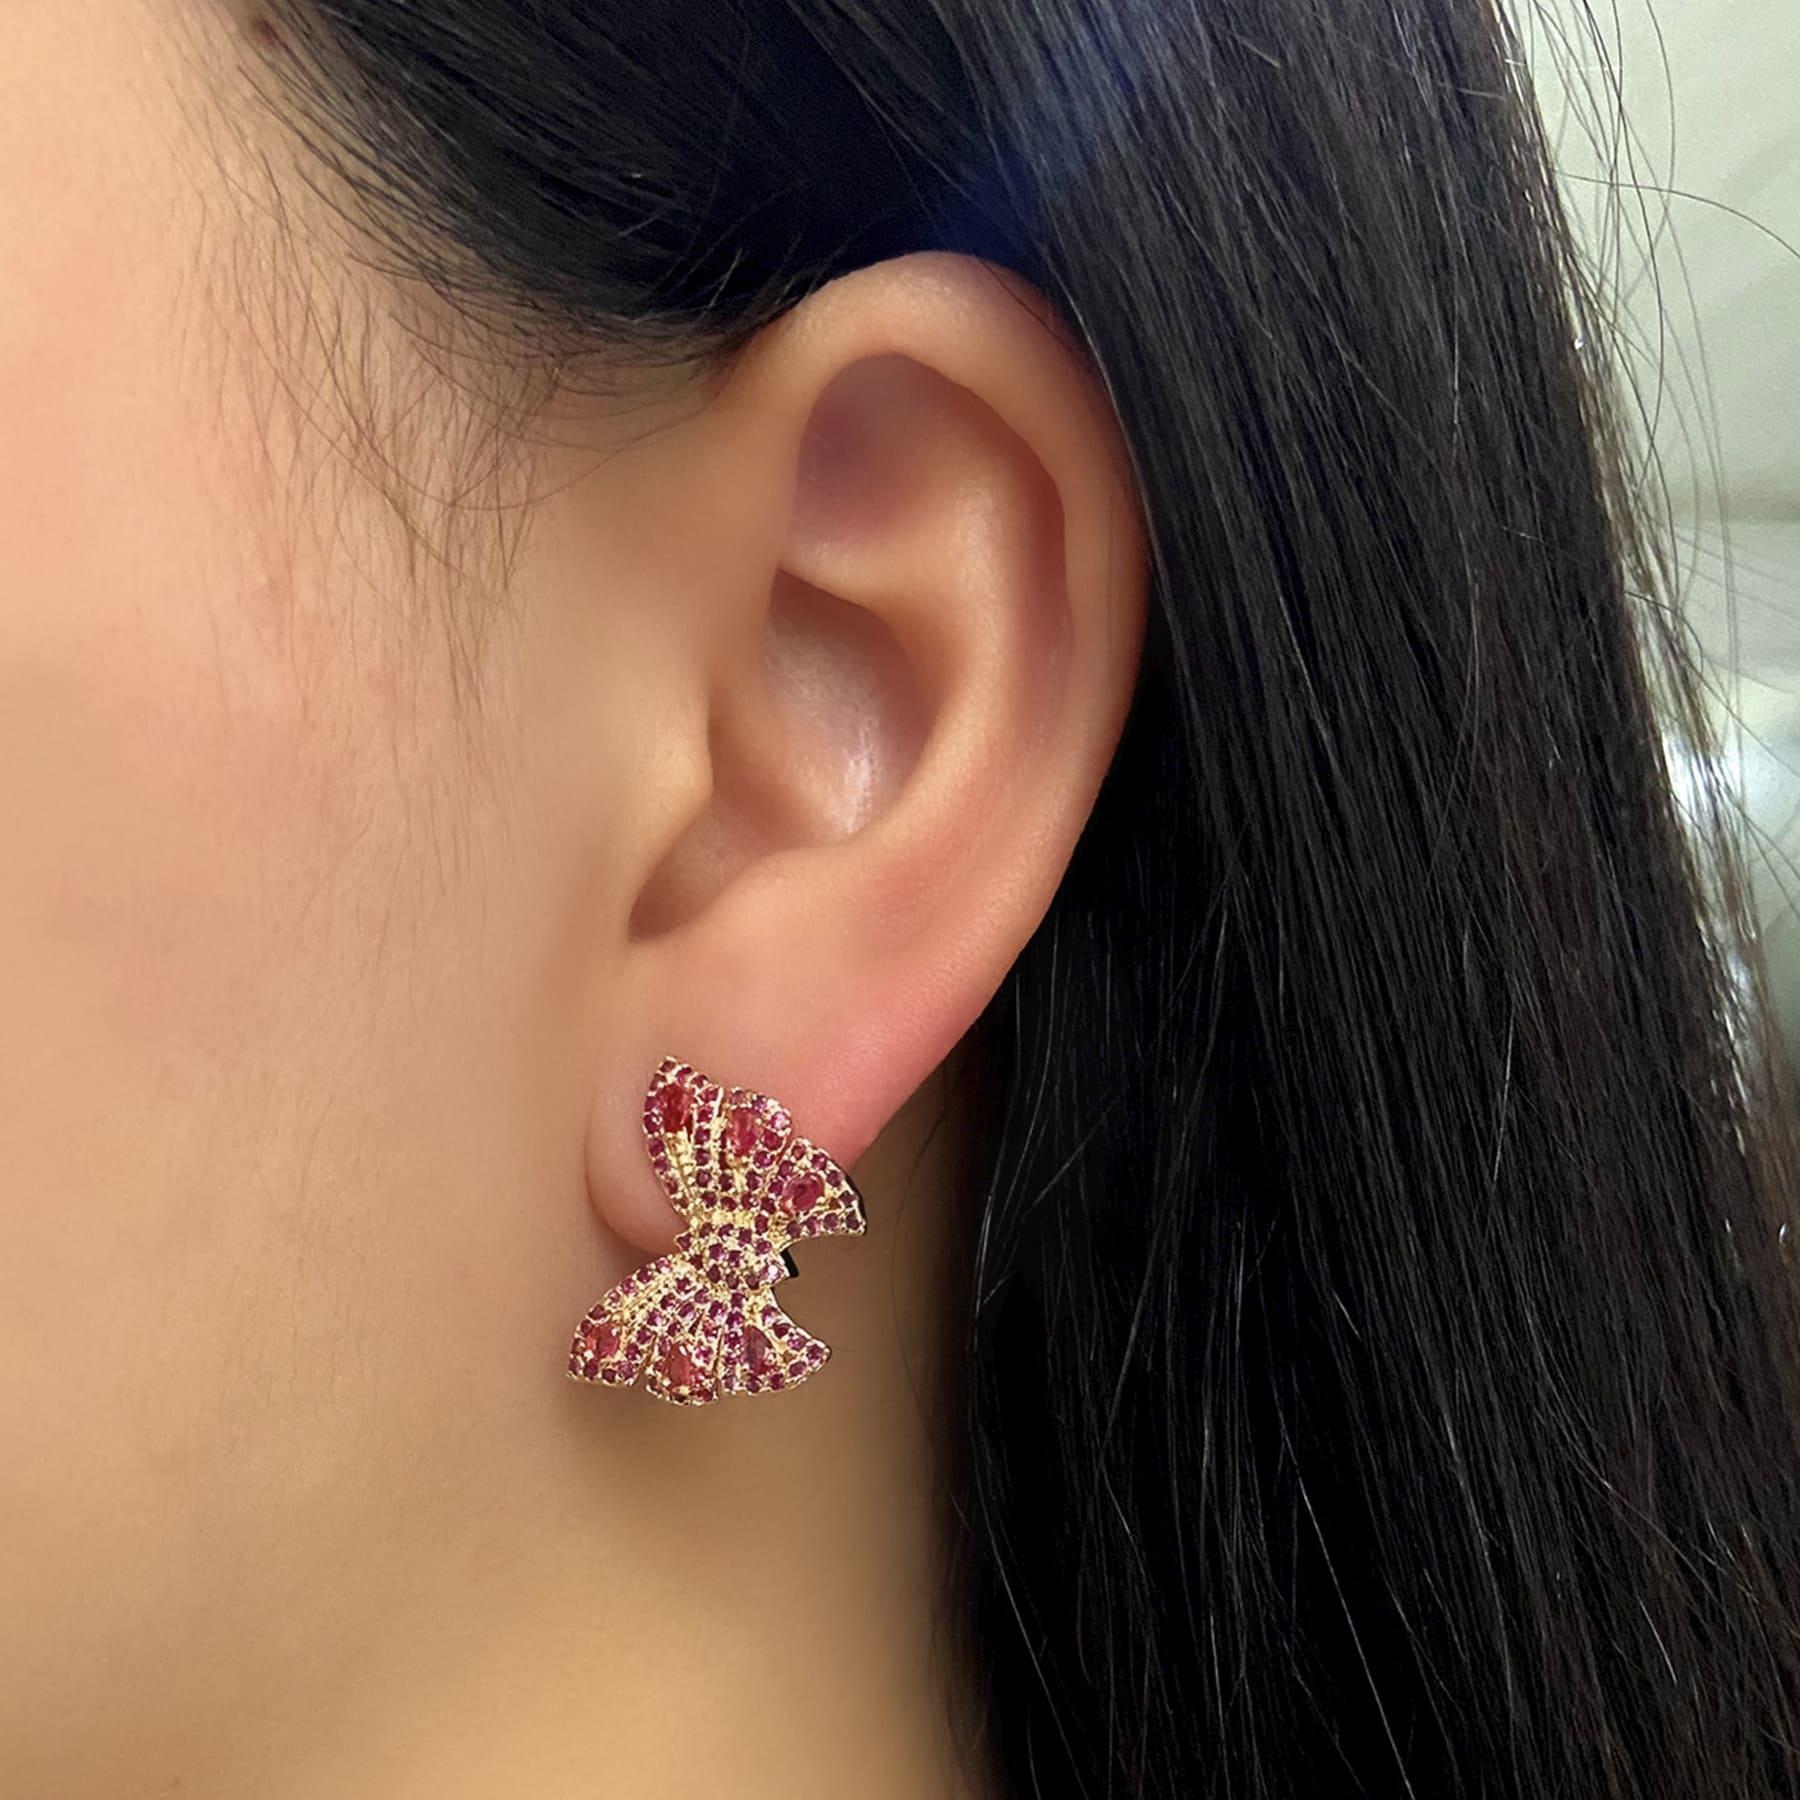 Brinco Folheado Borboleta Cravejada Zircônia Rosa - Natureza